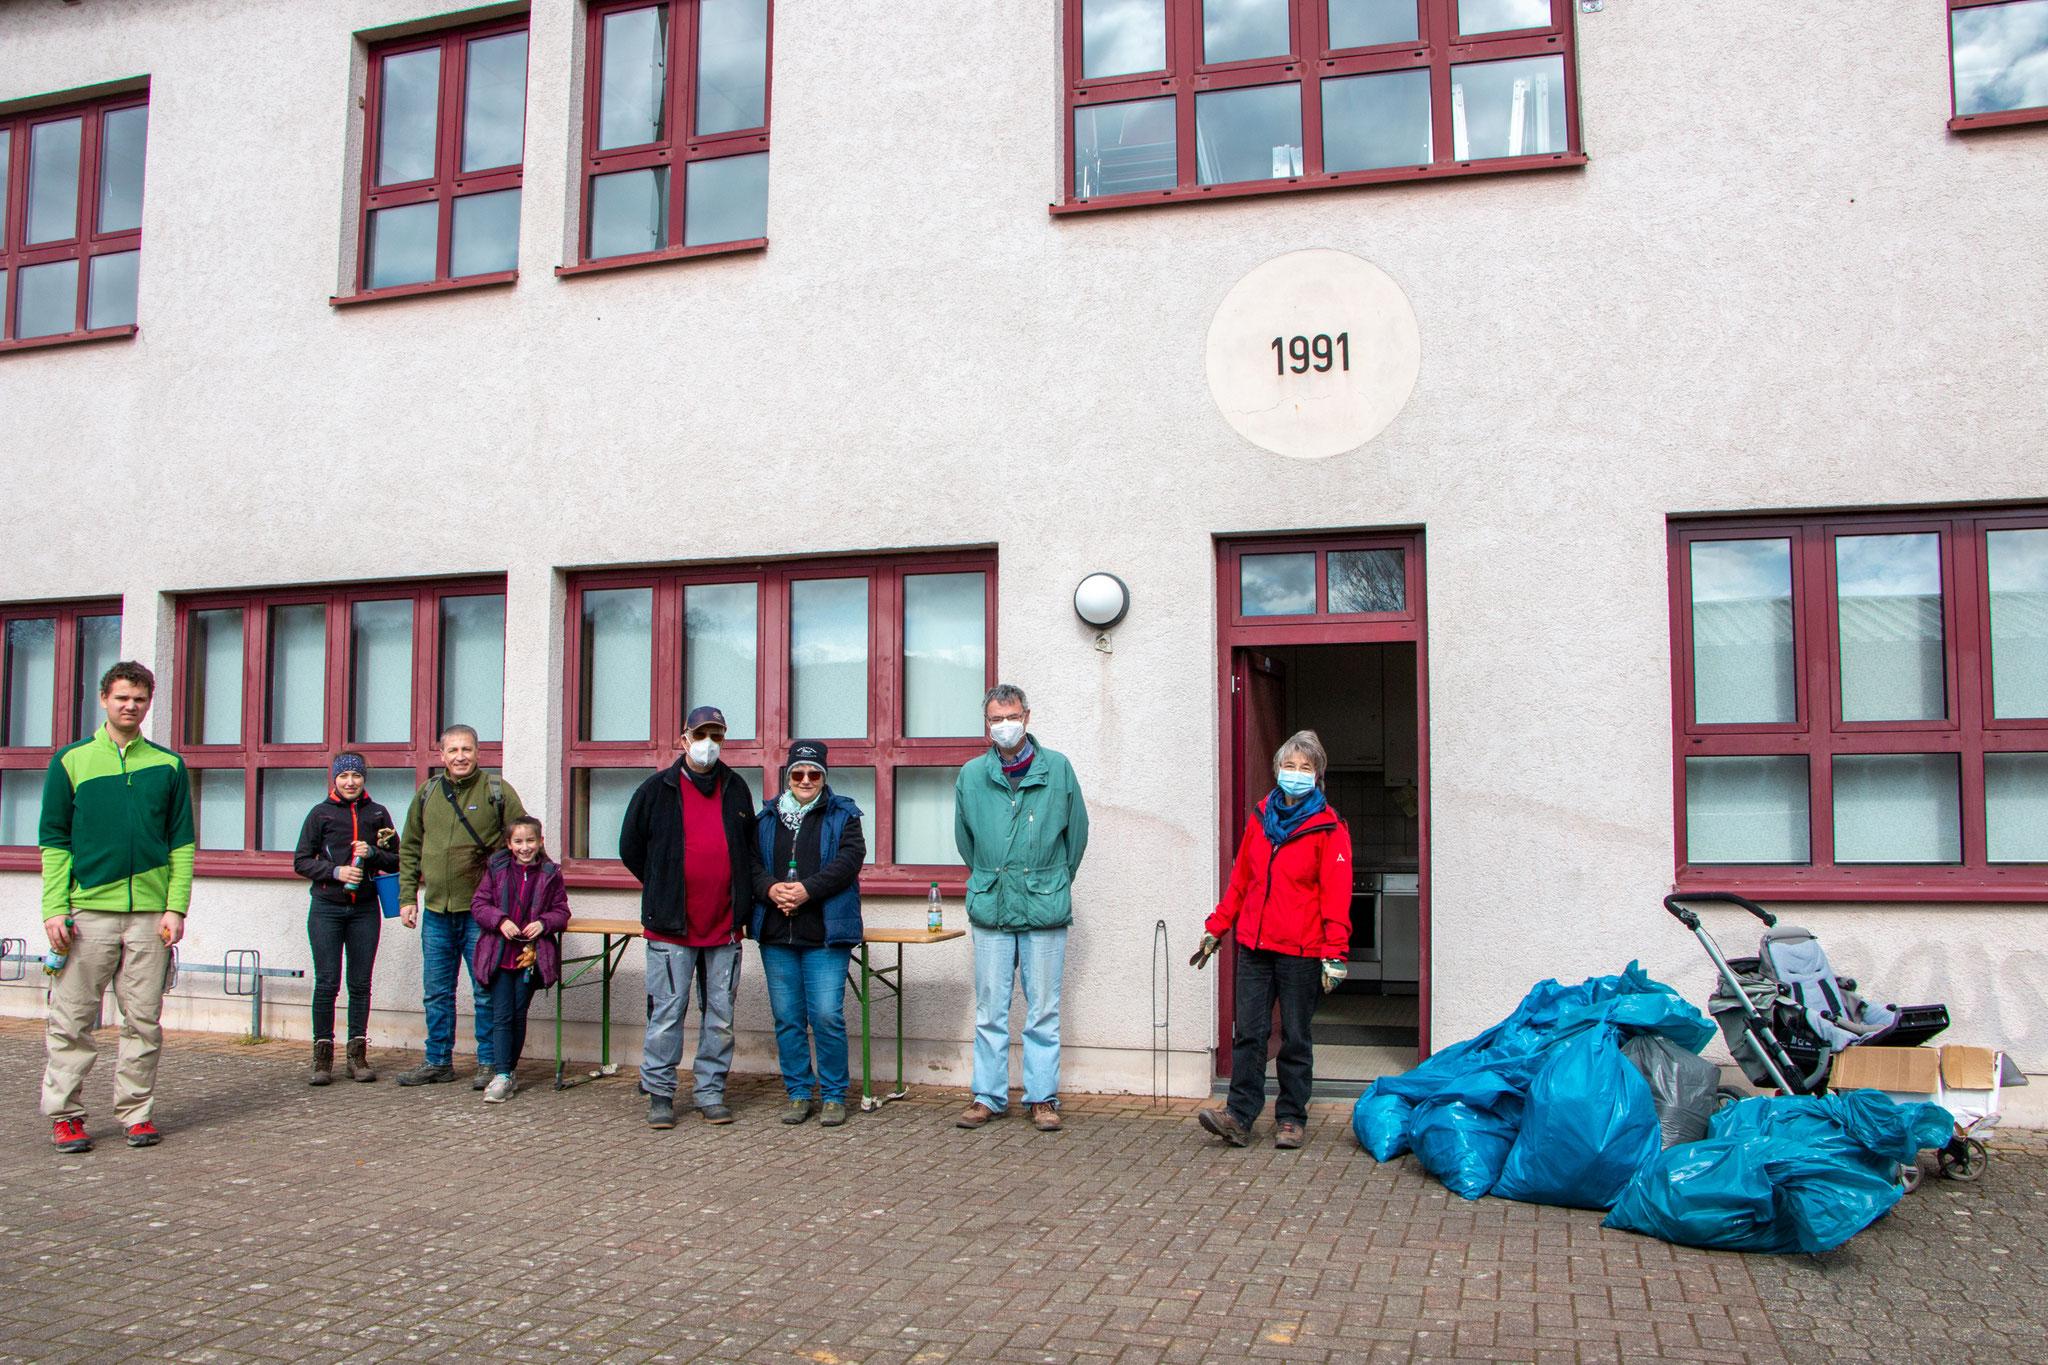 Zurück im Schulhof der Norbert-Preiß-Schule